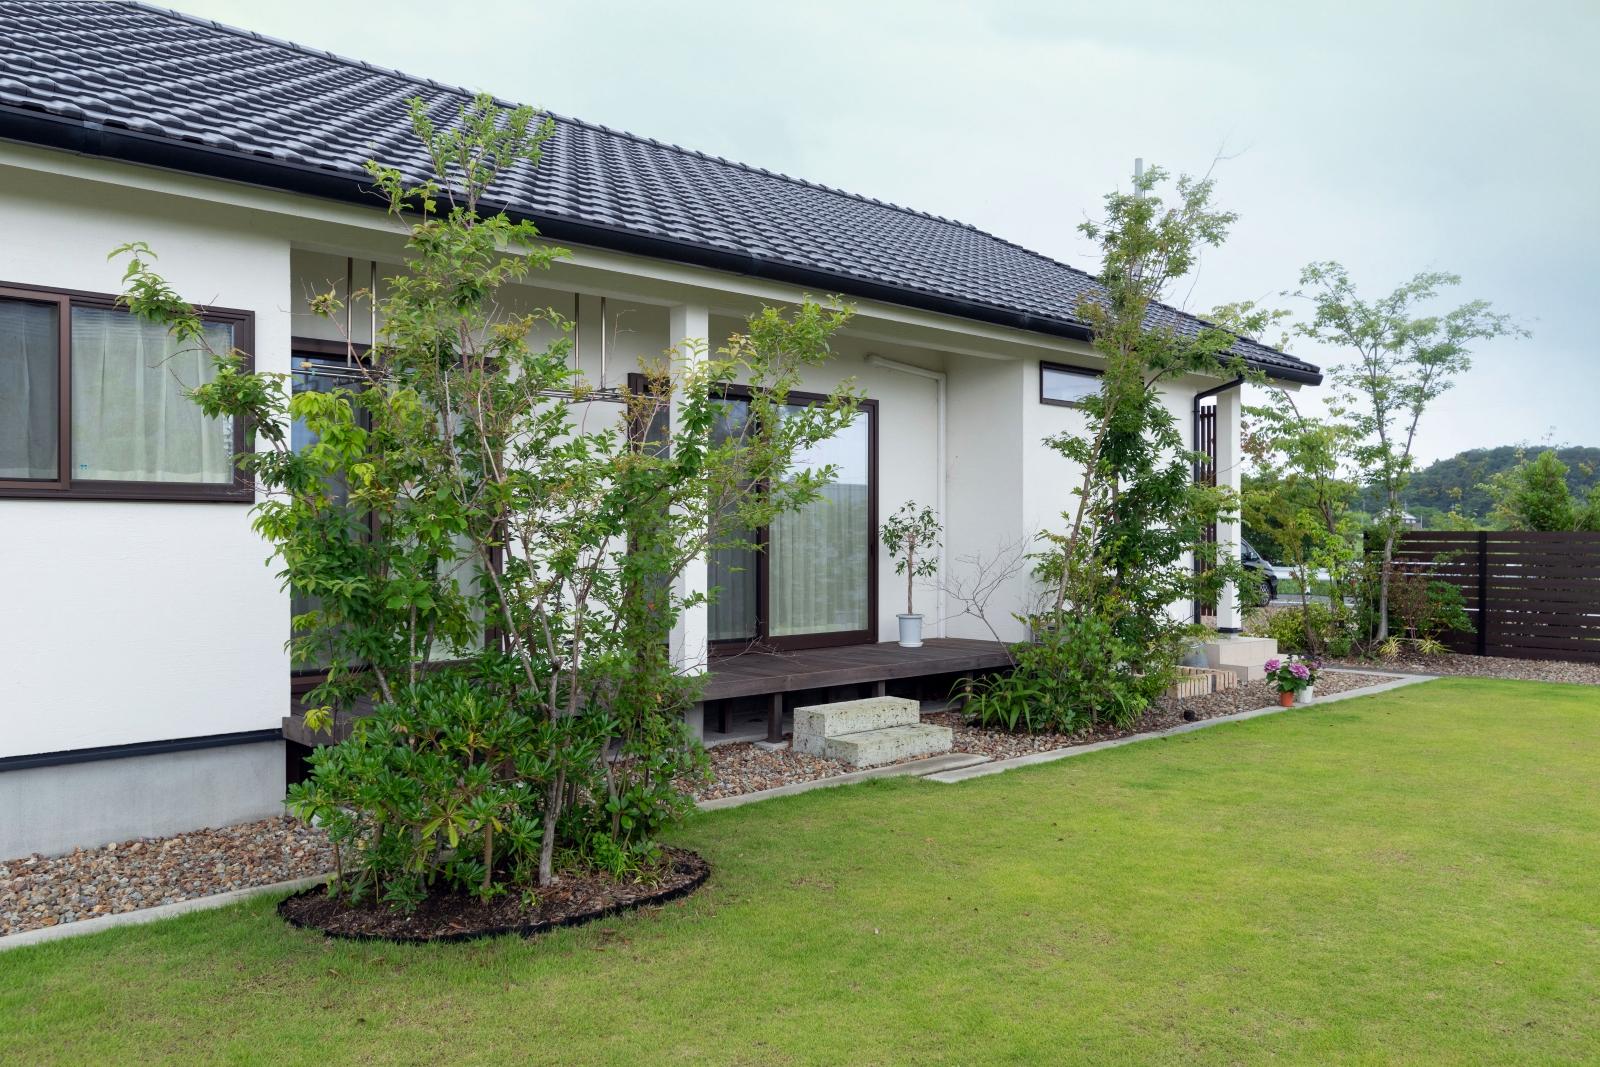 和モダン平屋住宅のマイホーム